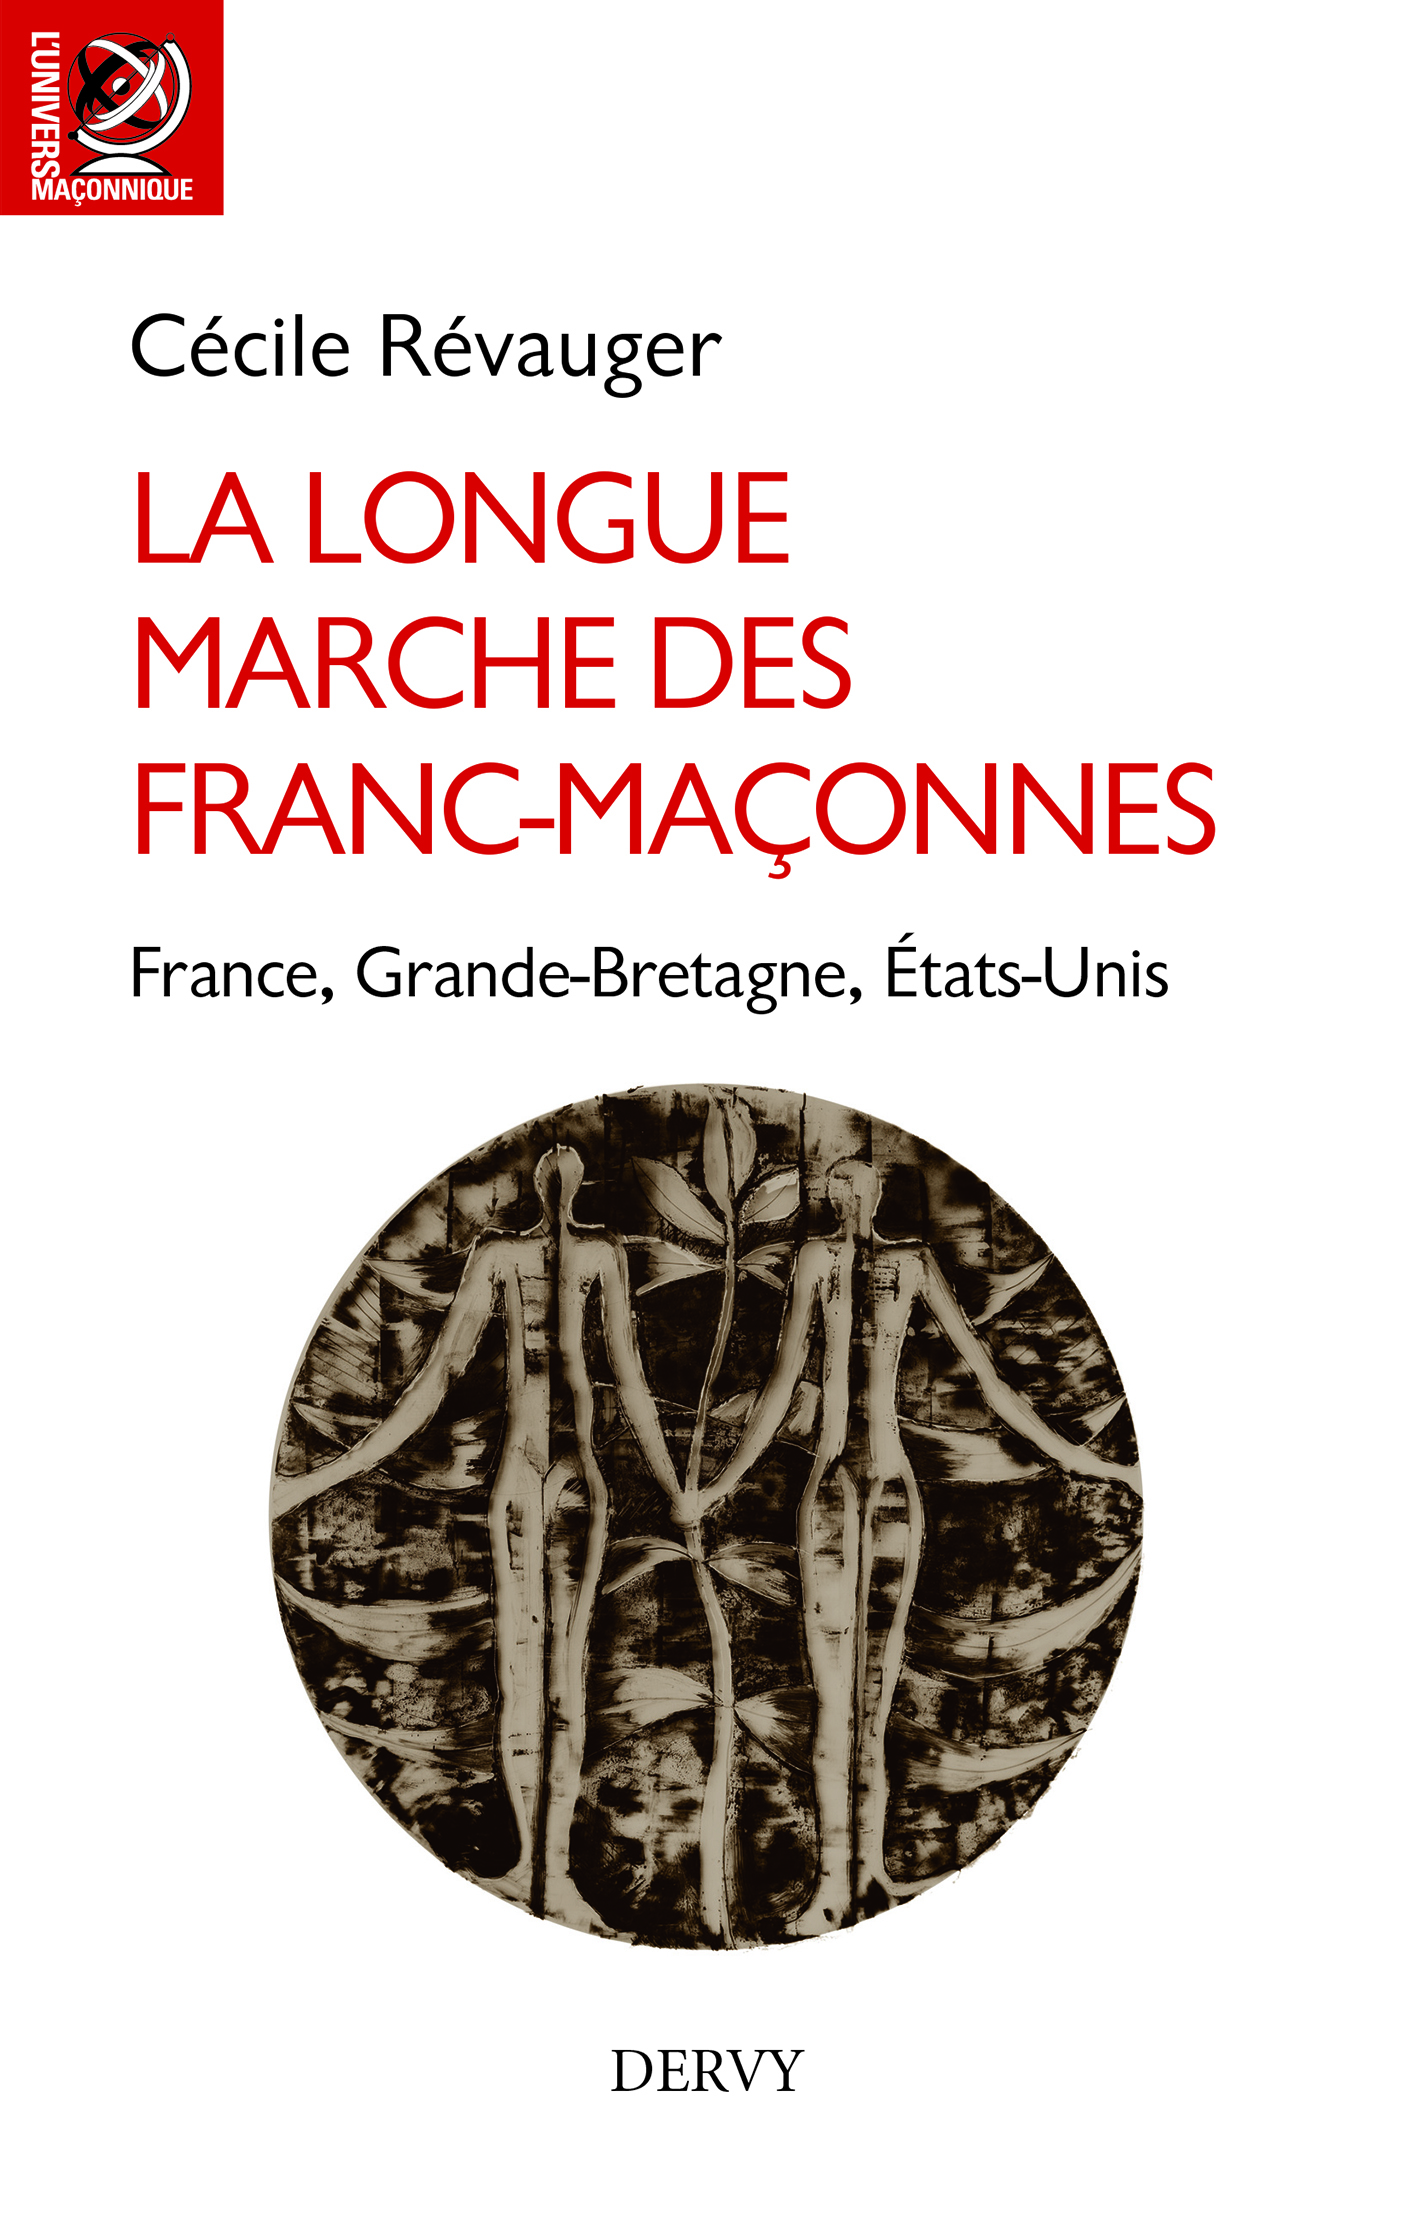 LONGUE MARCHE DES FRANCS-MACONNES (LA)